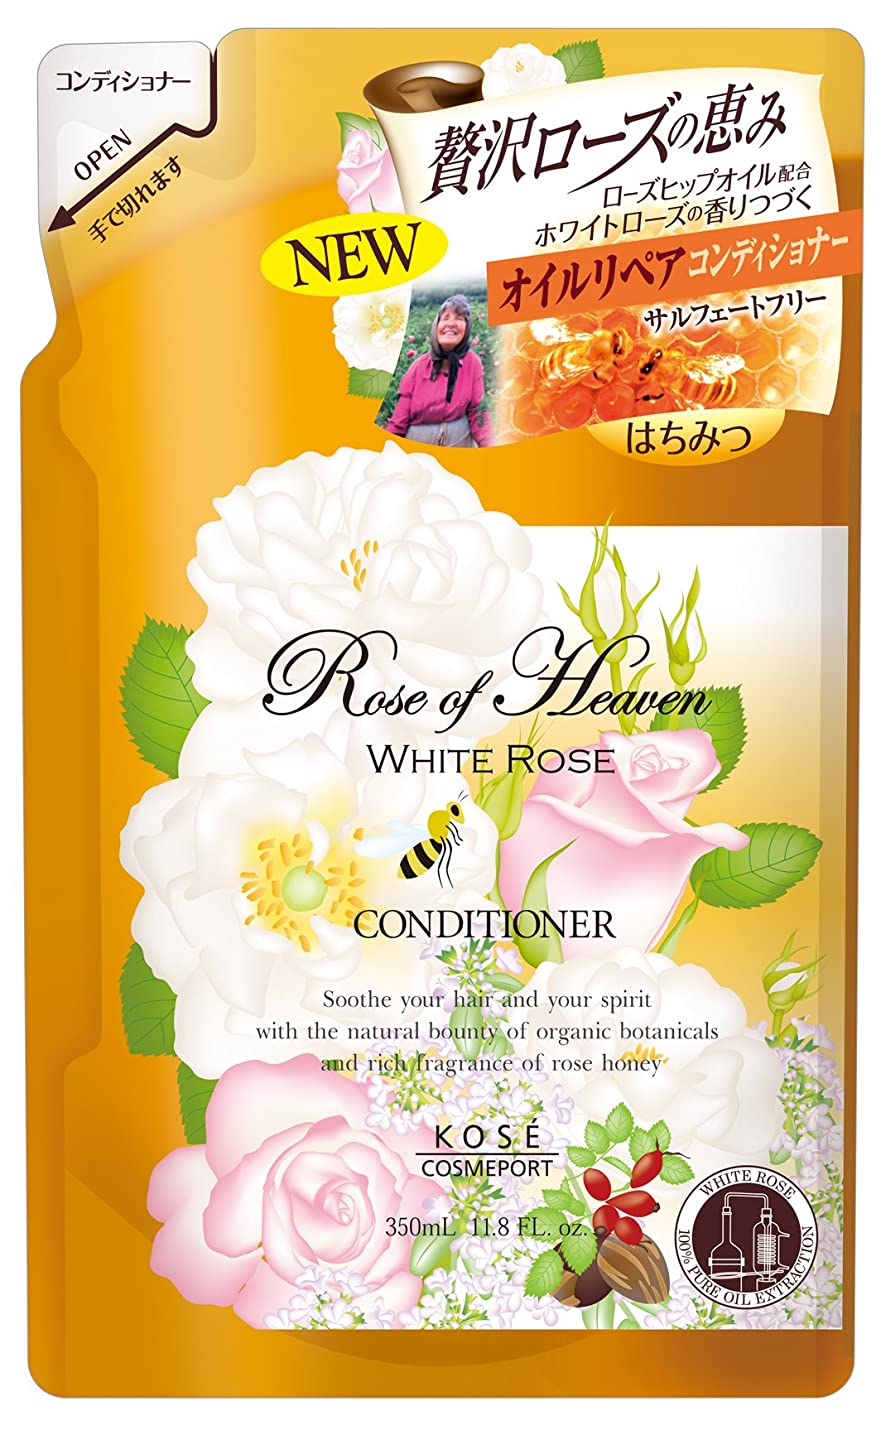 ごちそう険しい最後にKOSE コーセー ローズオブヘブン コンディショナー (ディープリペア) つめかえ 350ml (バラの香り)